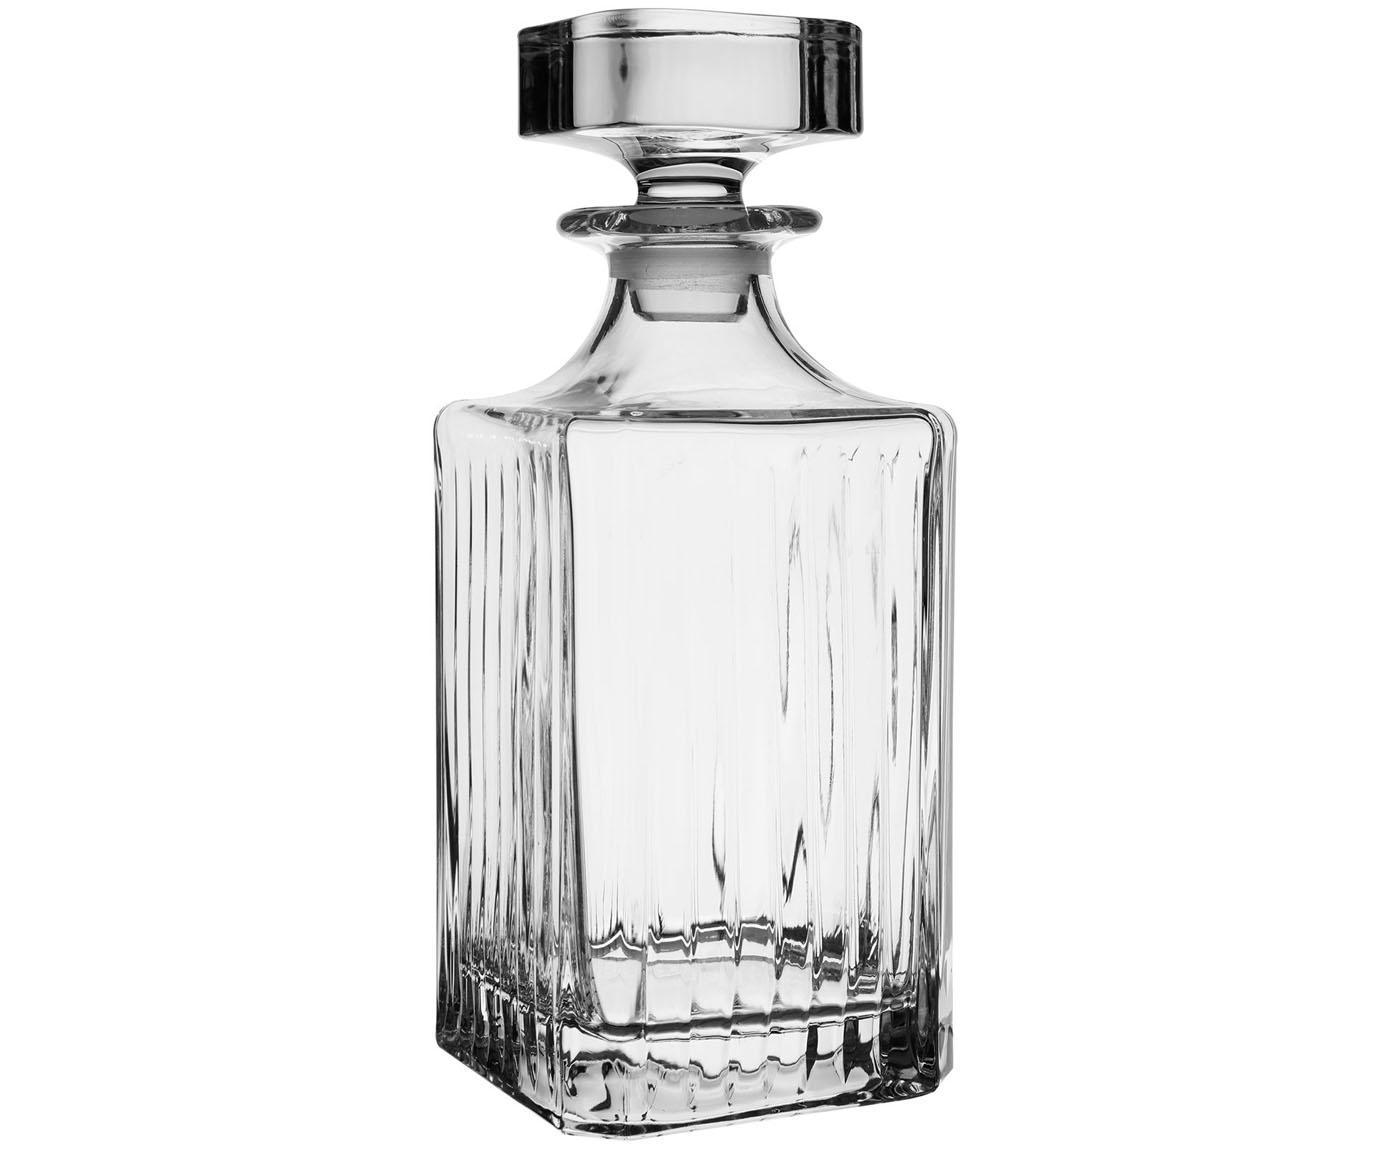 Decantador de cristal Timeless, Cristal, Transparente, Al 24 cm